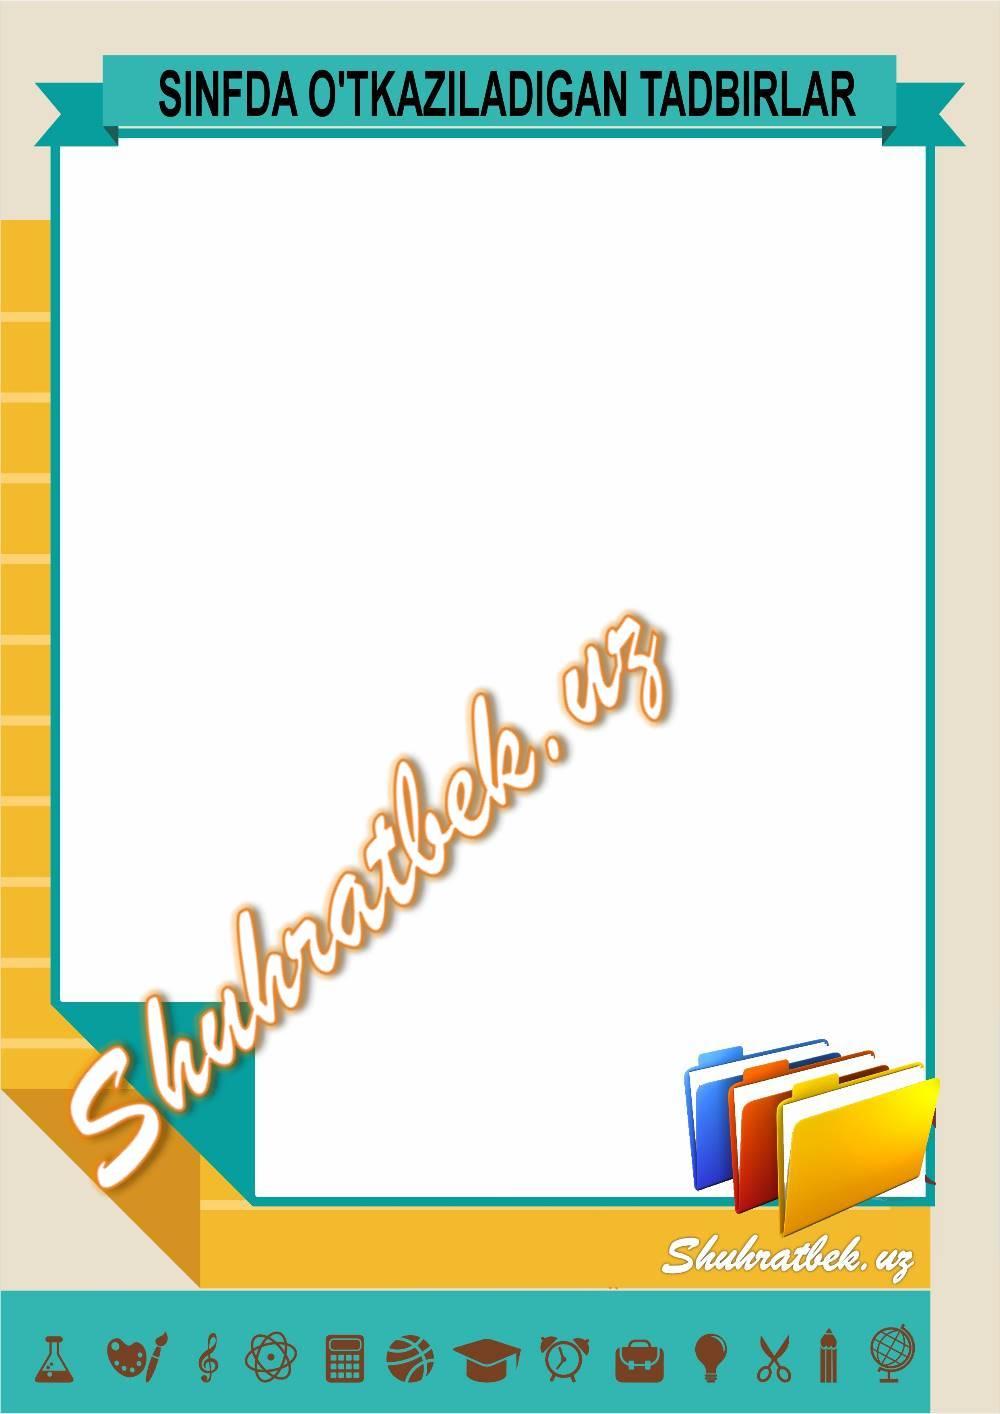 Sinf burchagi-11